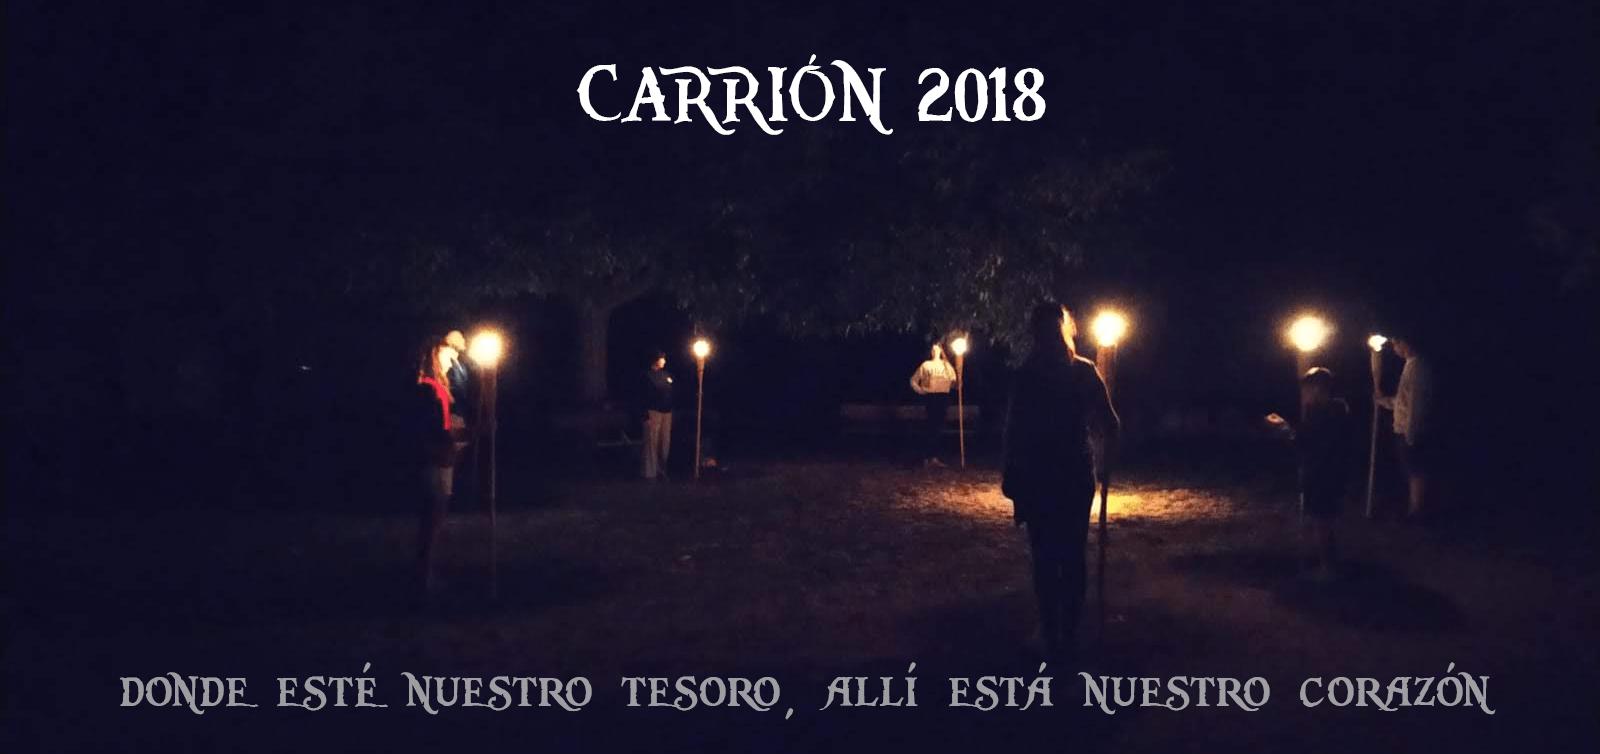 Vídeo Carrión 2018